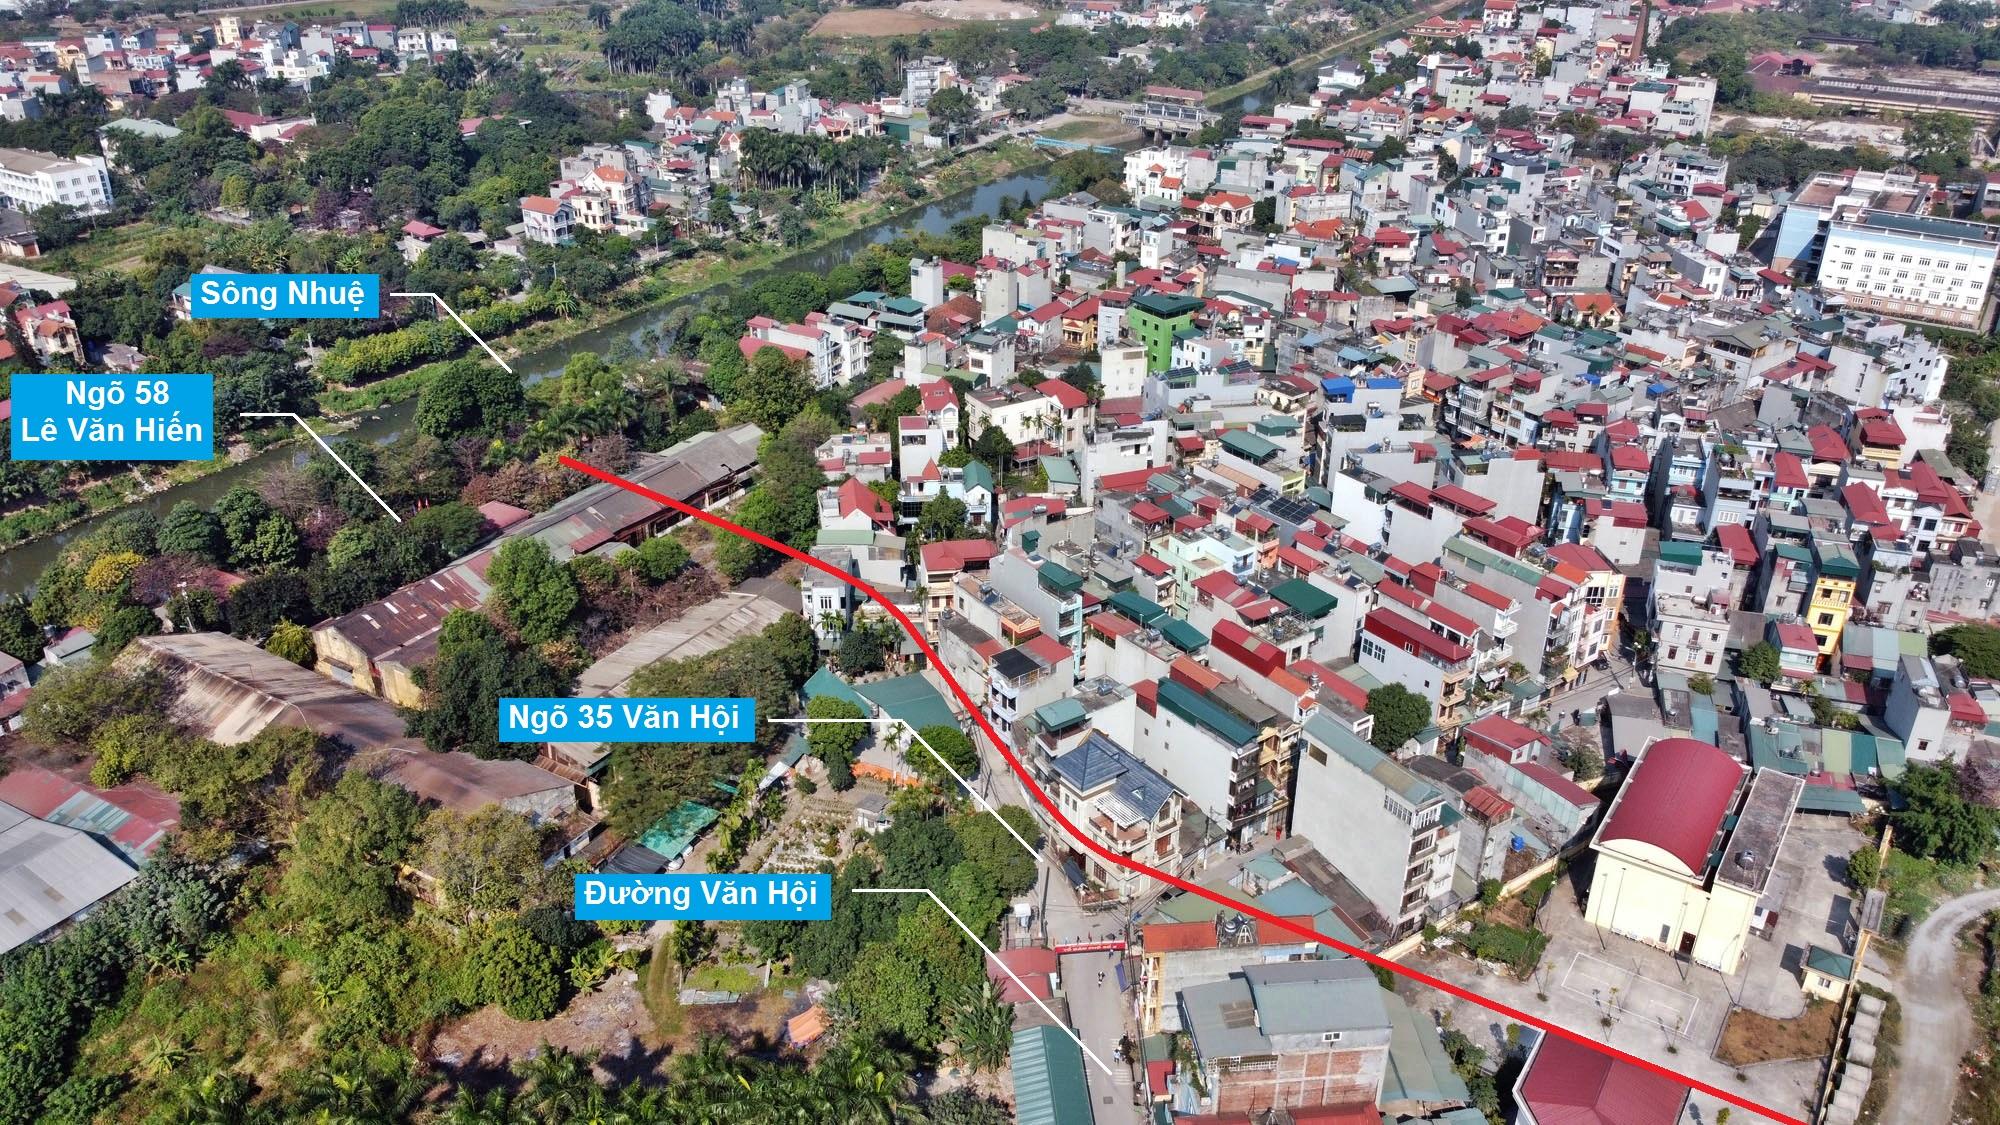 Ba đường sẽ mở theo qui hoạch ở phường Đức Thắng, Bắc Từ Liêm, Hà Nội (phần 2) - Ảnh 5.